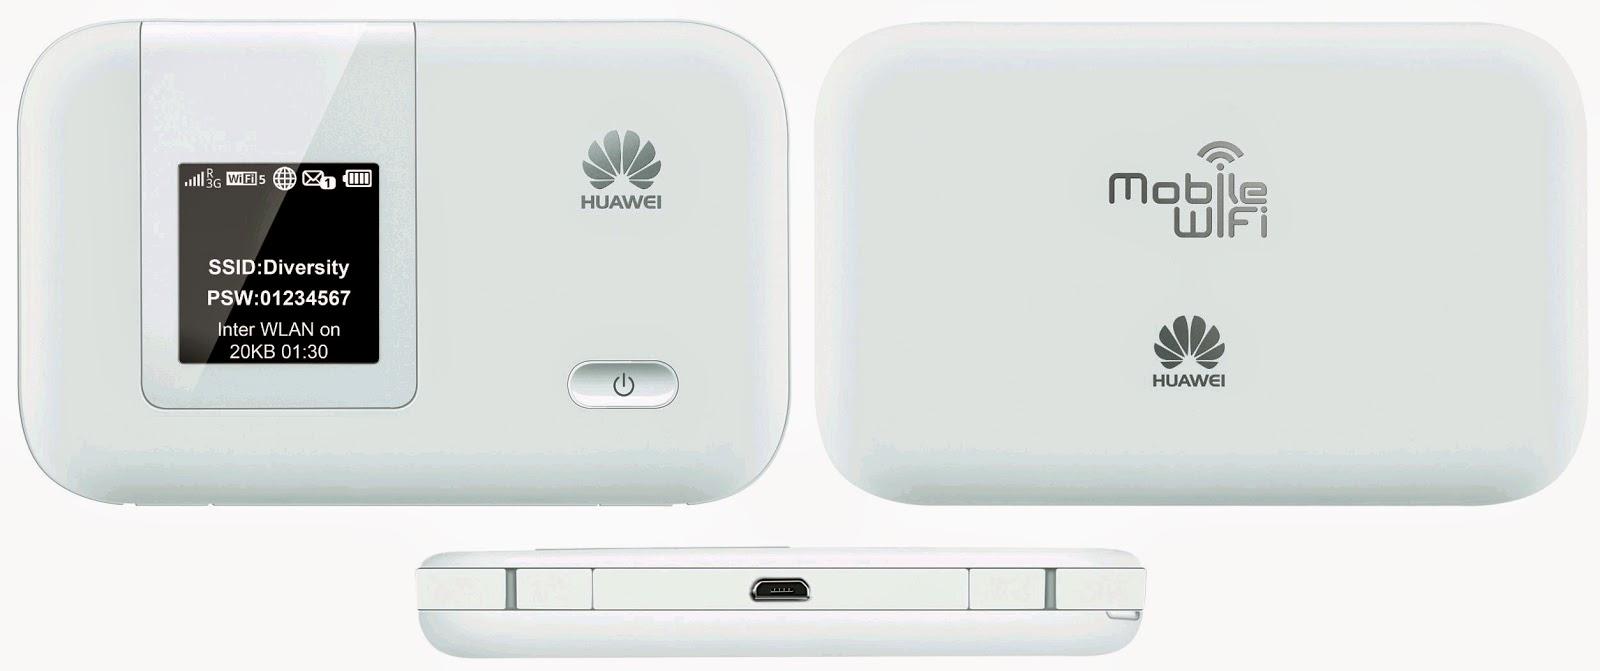 Huawei modem routers zijn in gebruik bij T-mobile/Online ...